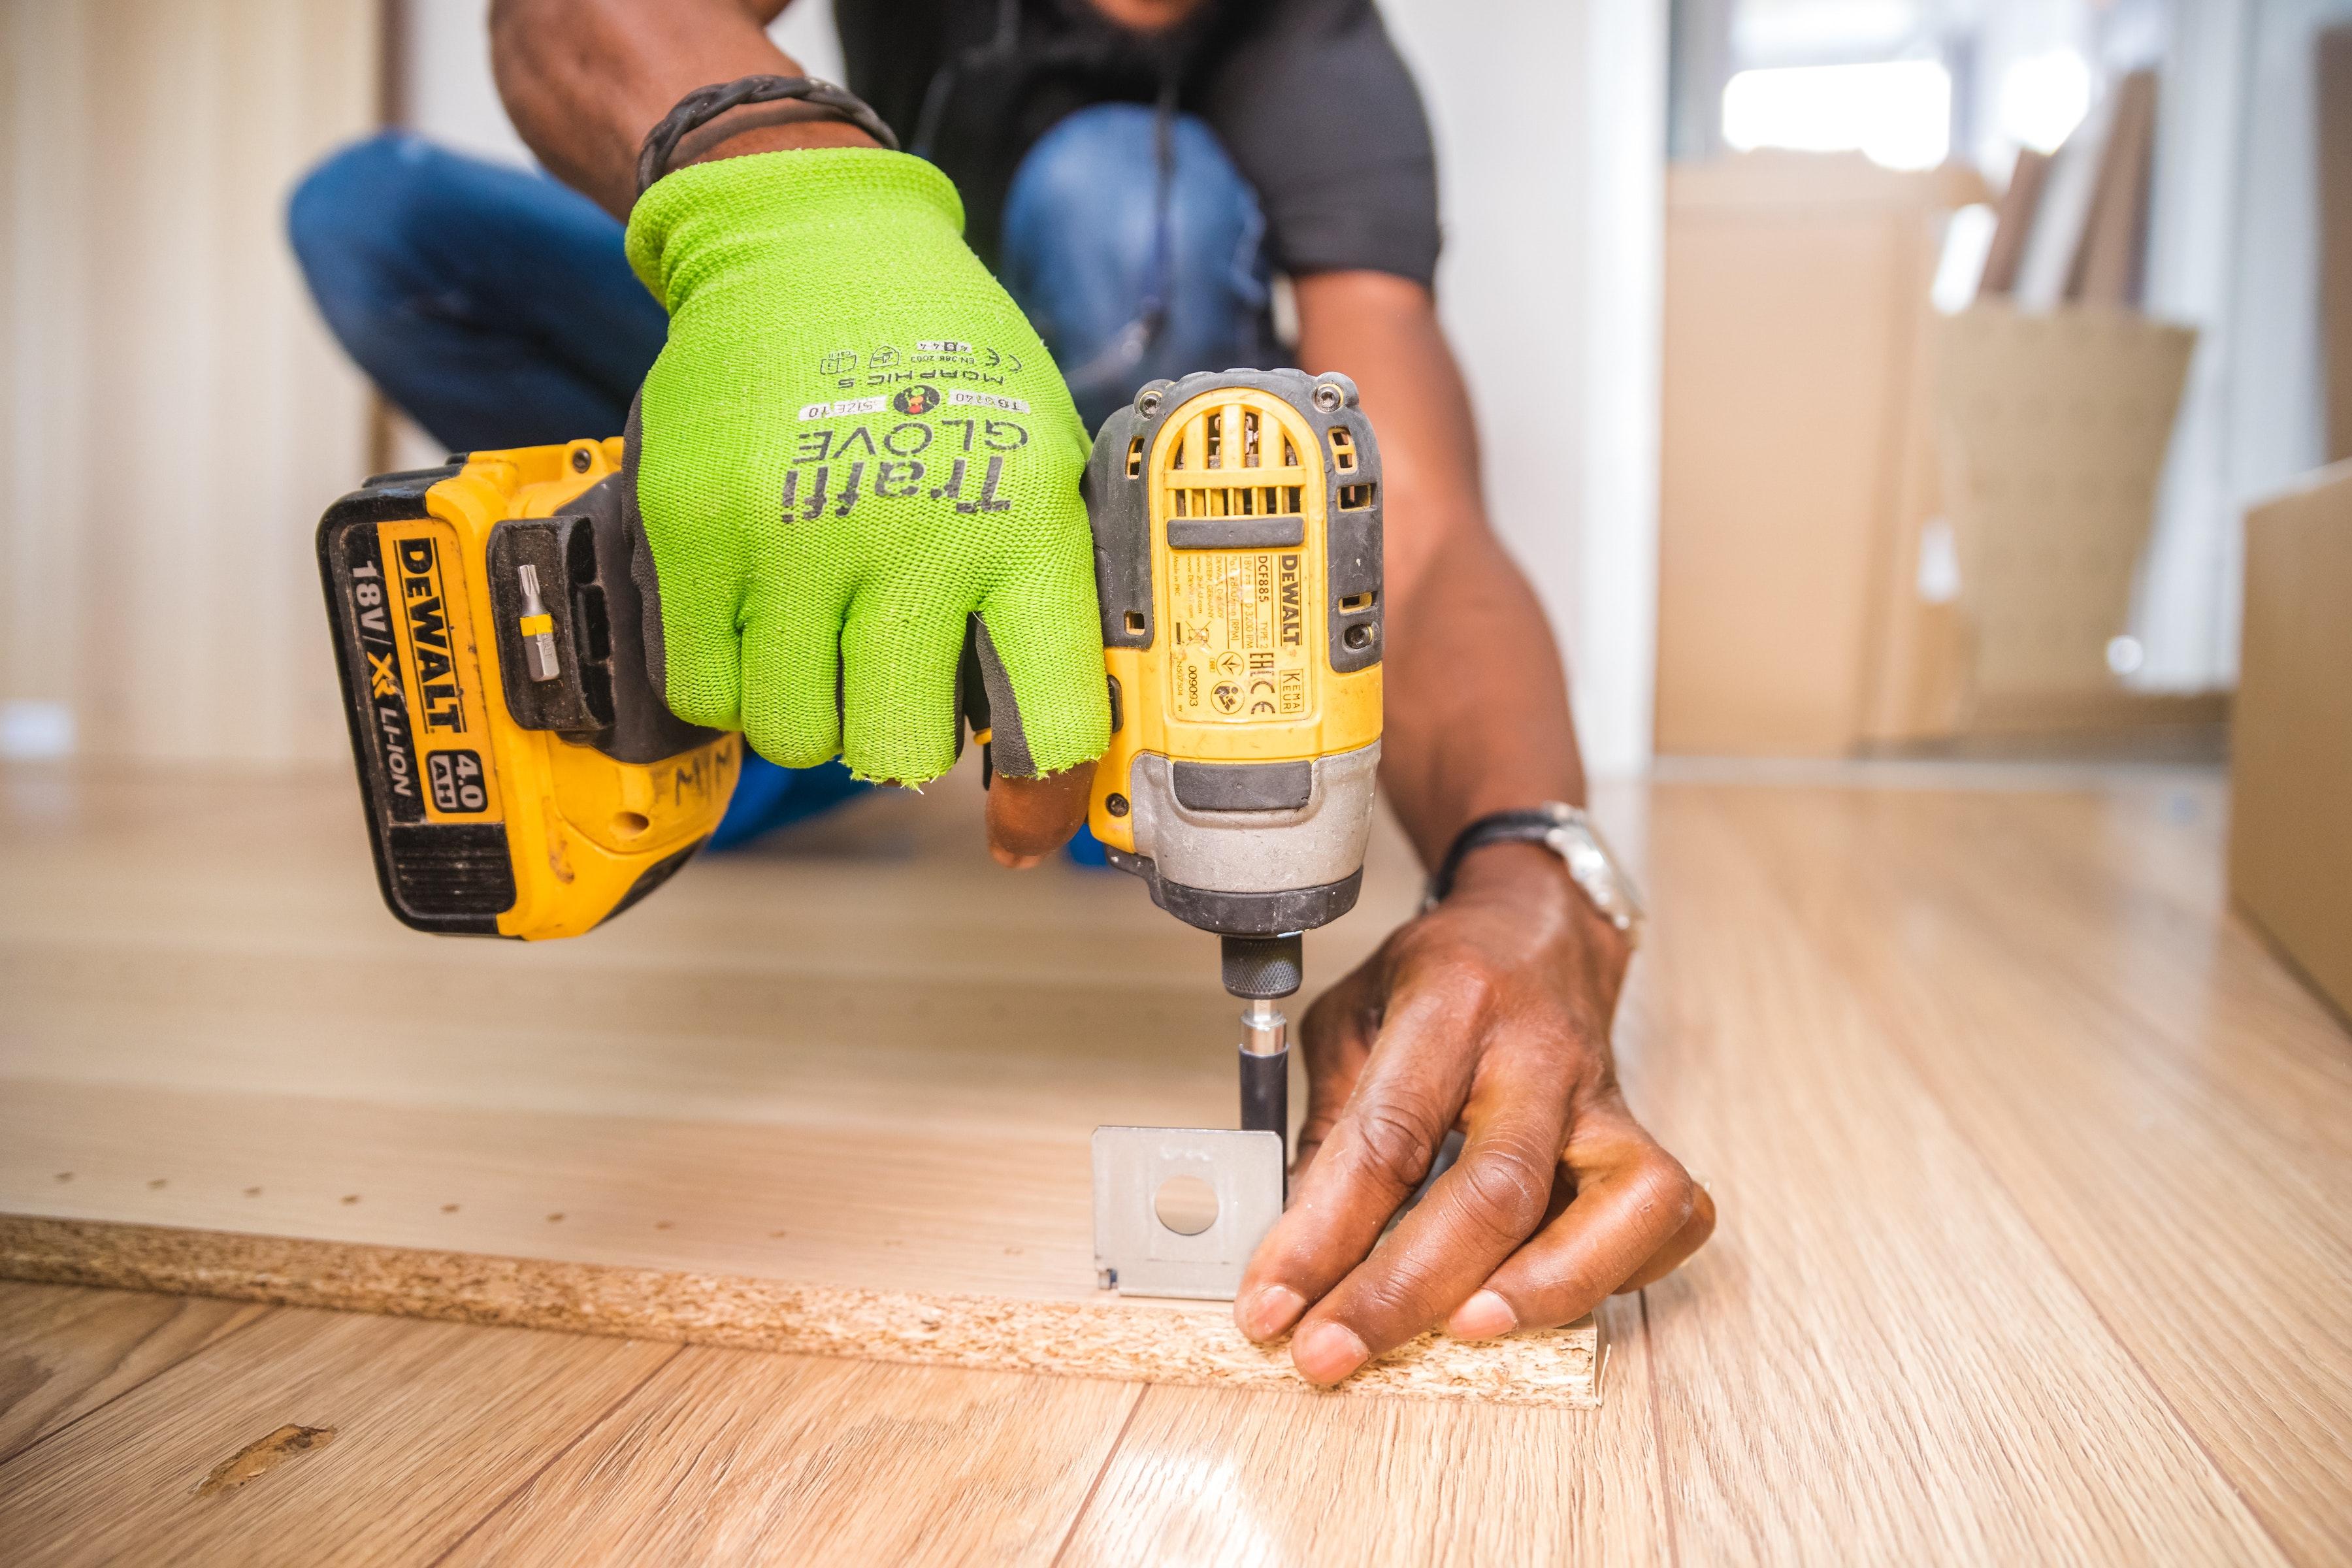 Persona realizando trabajo de carpintería. (Cortesía de Pexels)